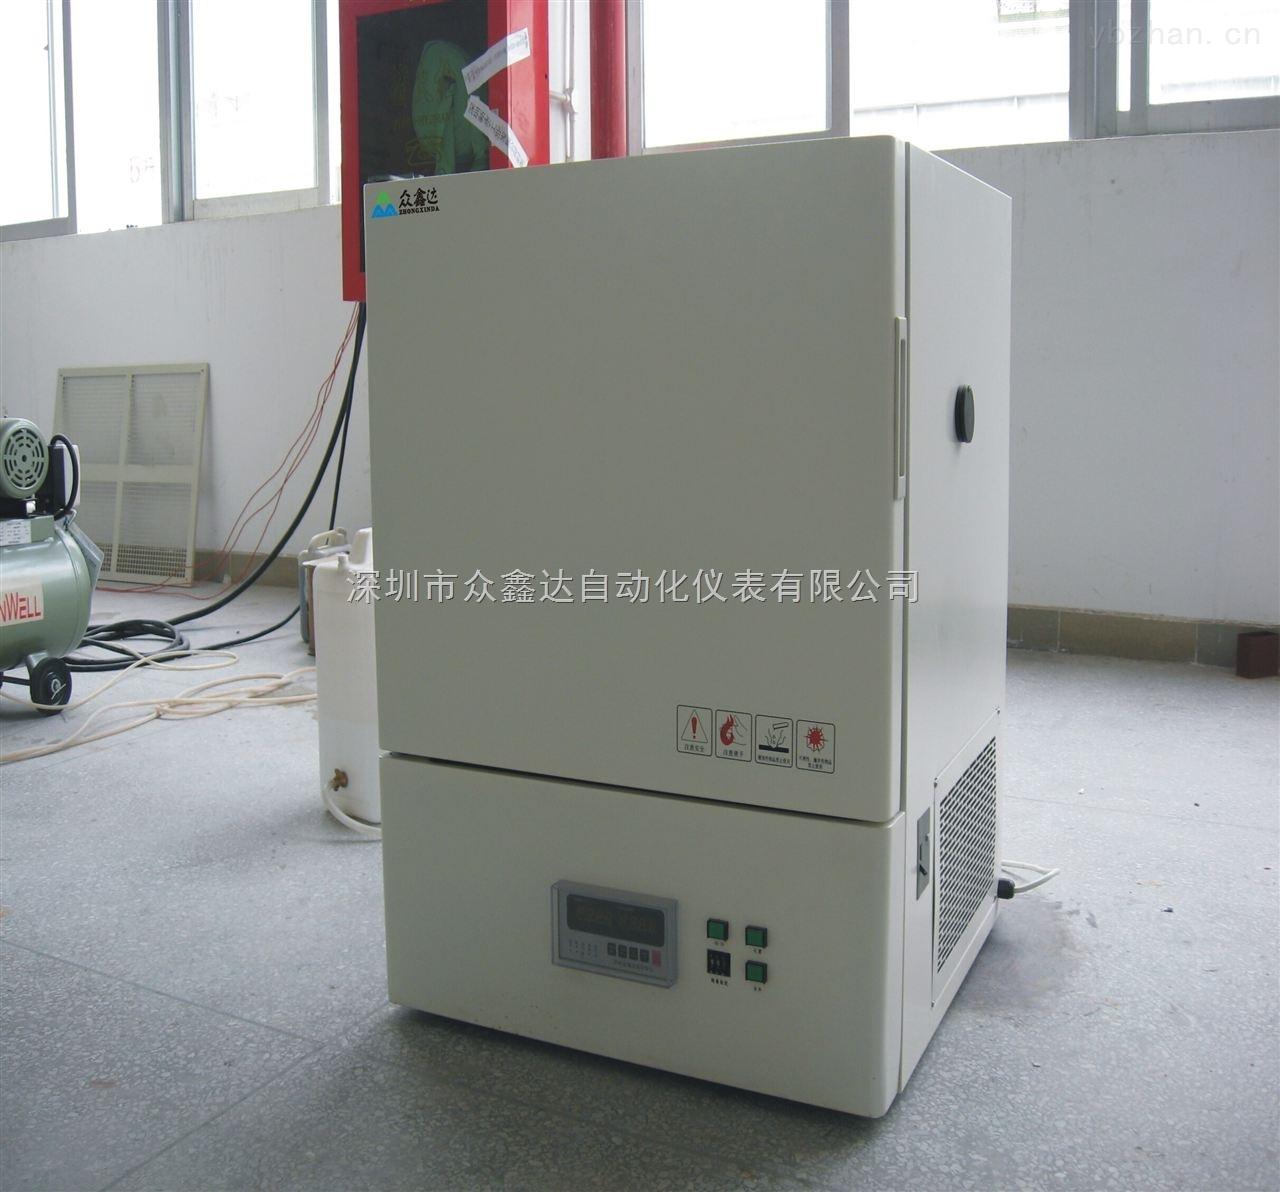 出租 CS101-E电热鼓风干燥箱